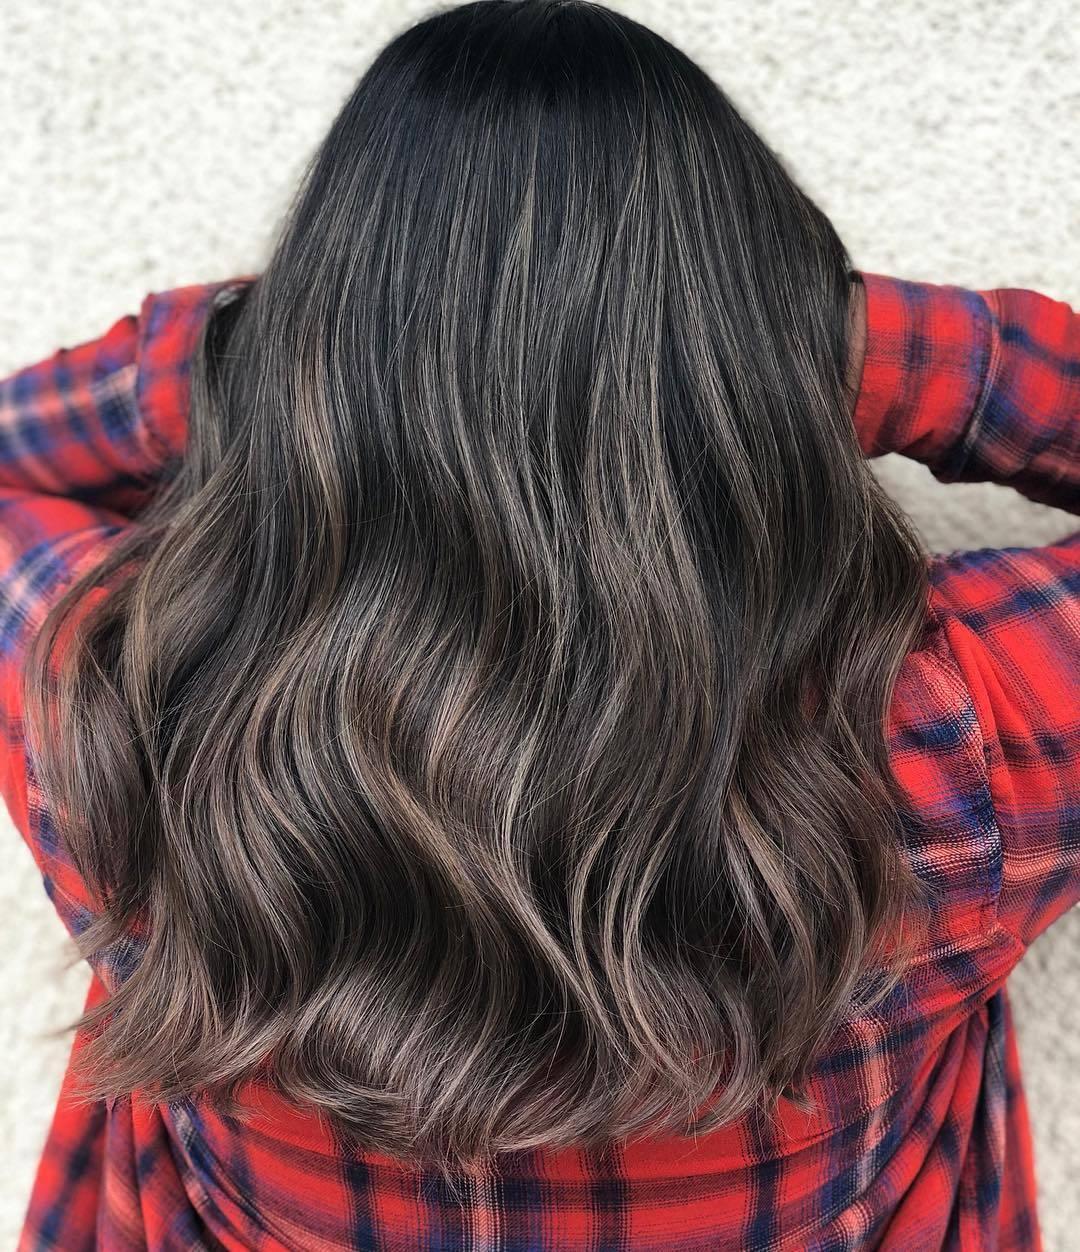 welche Haarfarbe ist am wenigsten schädlich?